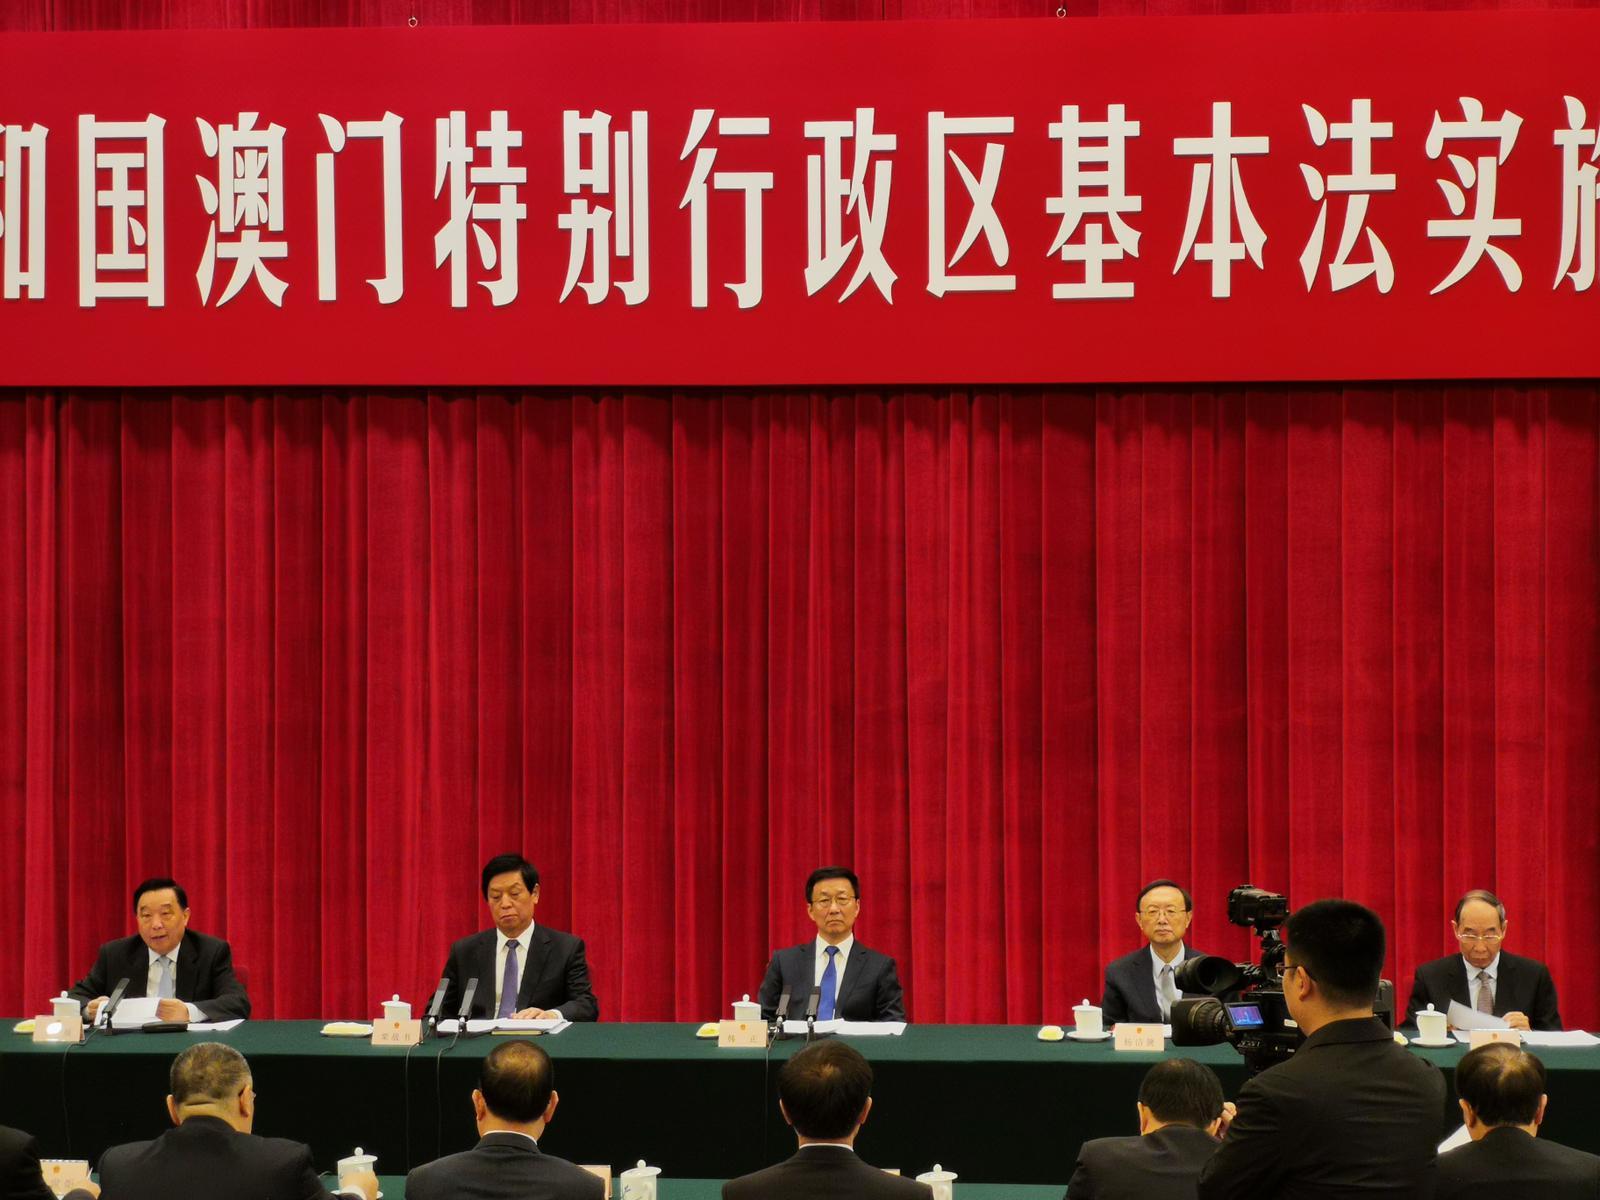 多名國家領導人參加,包括全國人大常委會委員長栗戰書、國務院常務副總理韓正。張言天攝